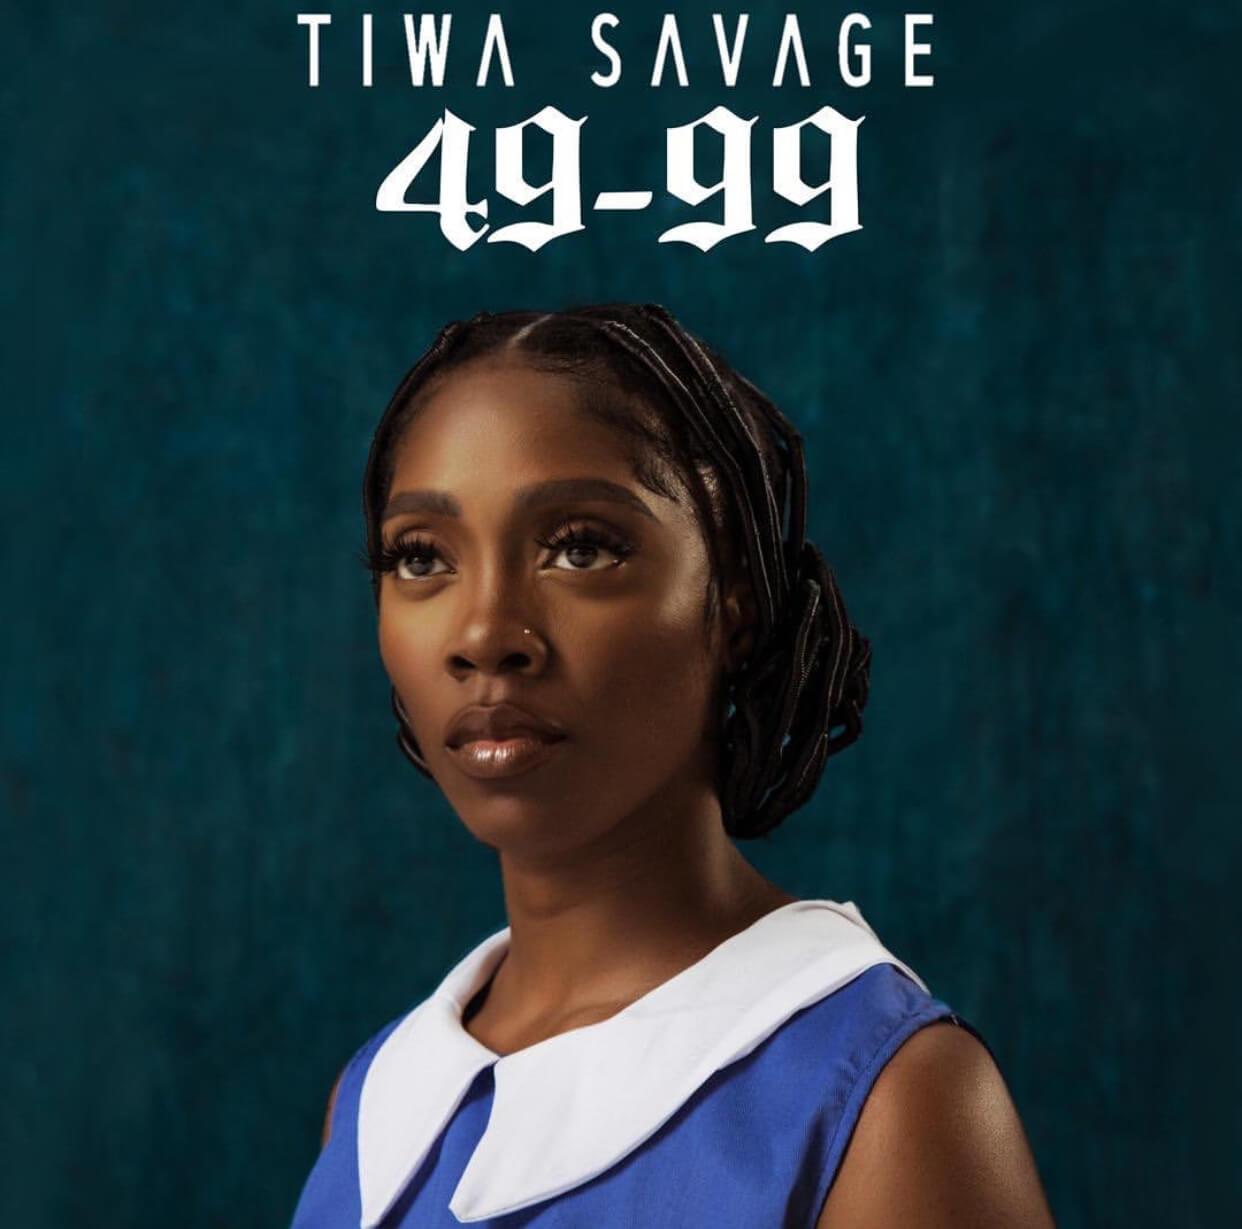 Tiwa Savage 49-99